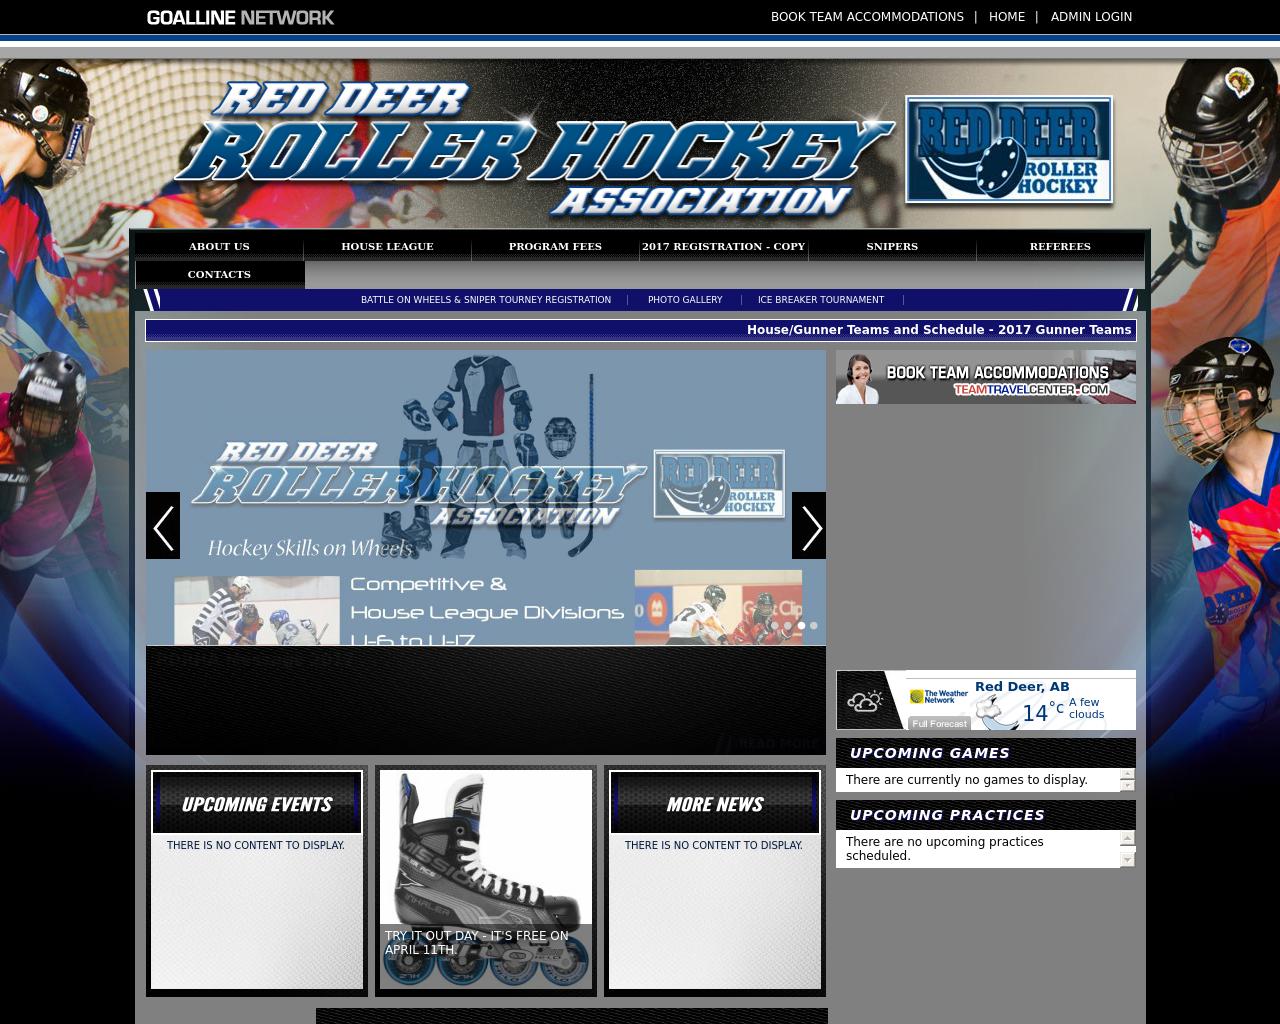 Reddeerrollerhockey.com-Advertising-Reviews-Pricing